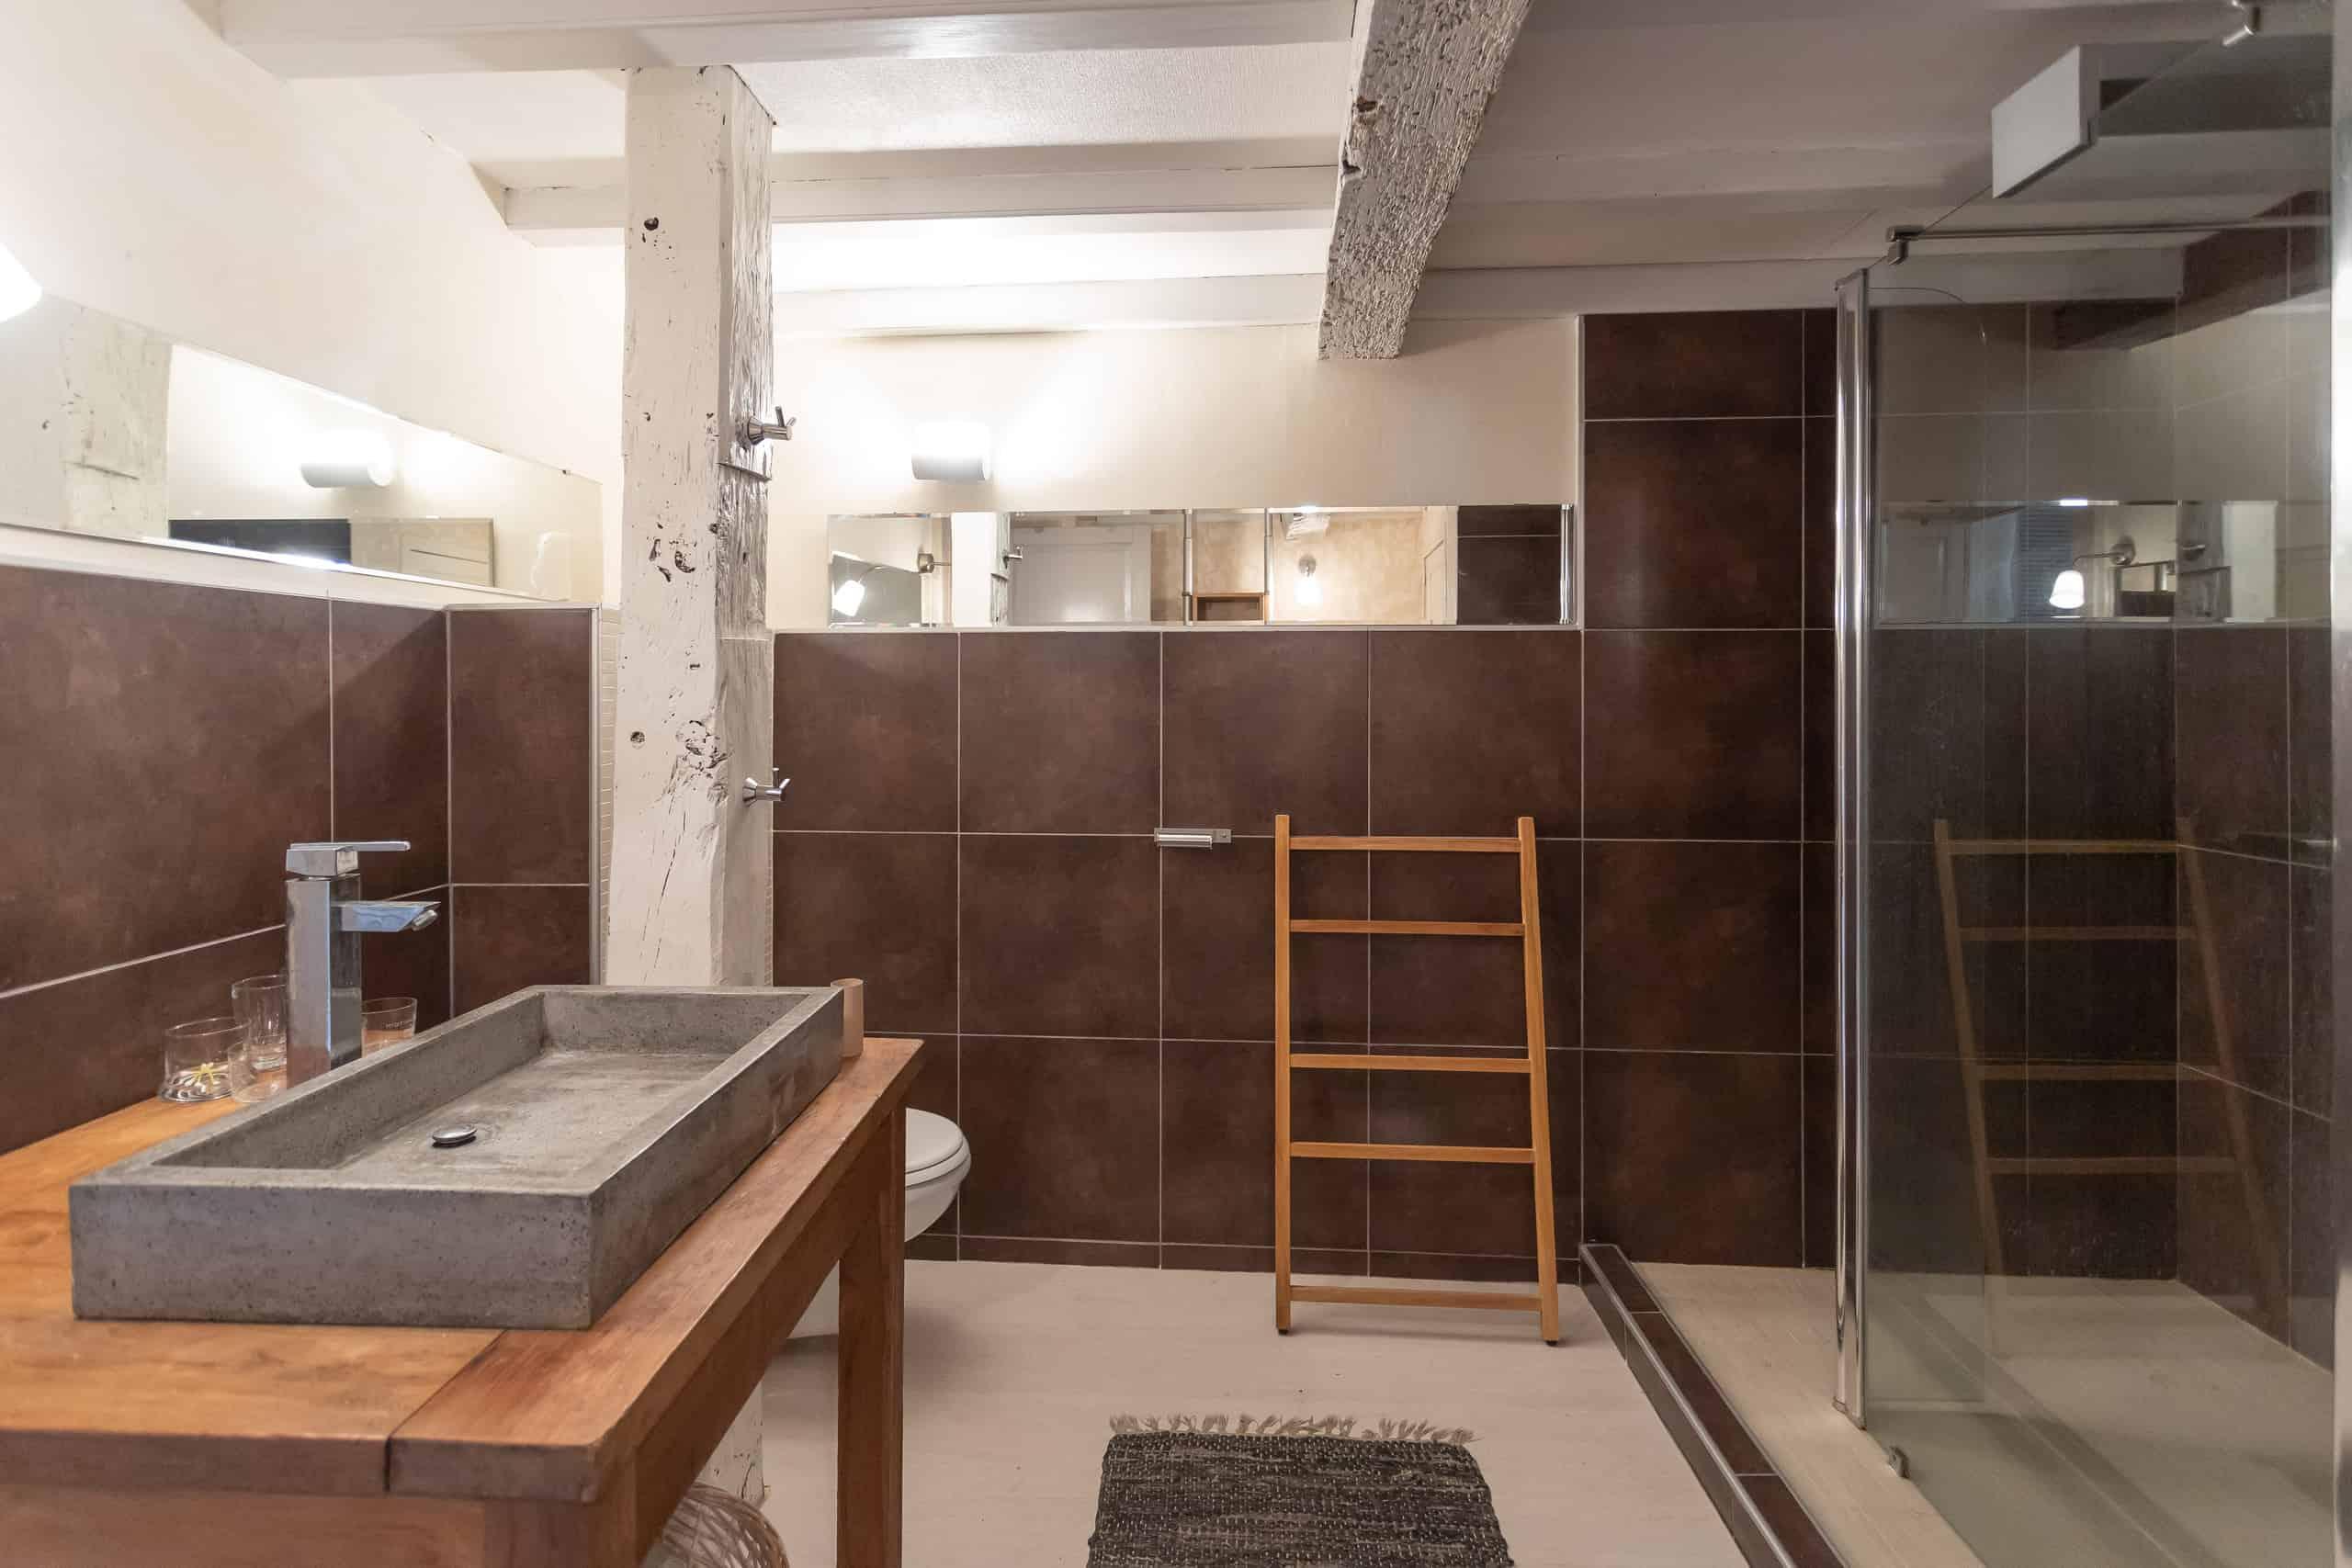 Salle de bain-WMC032